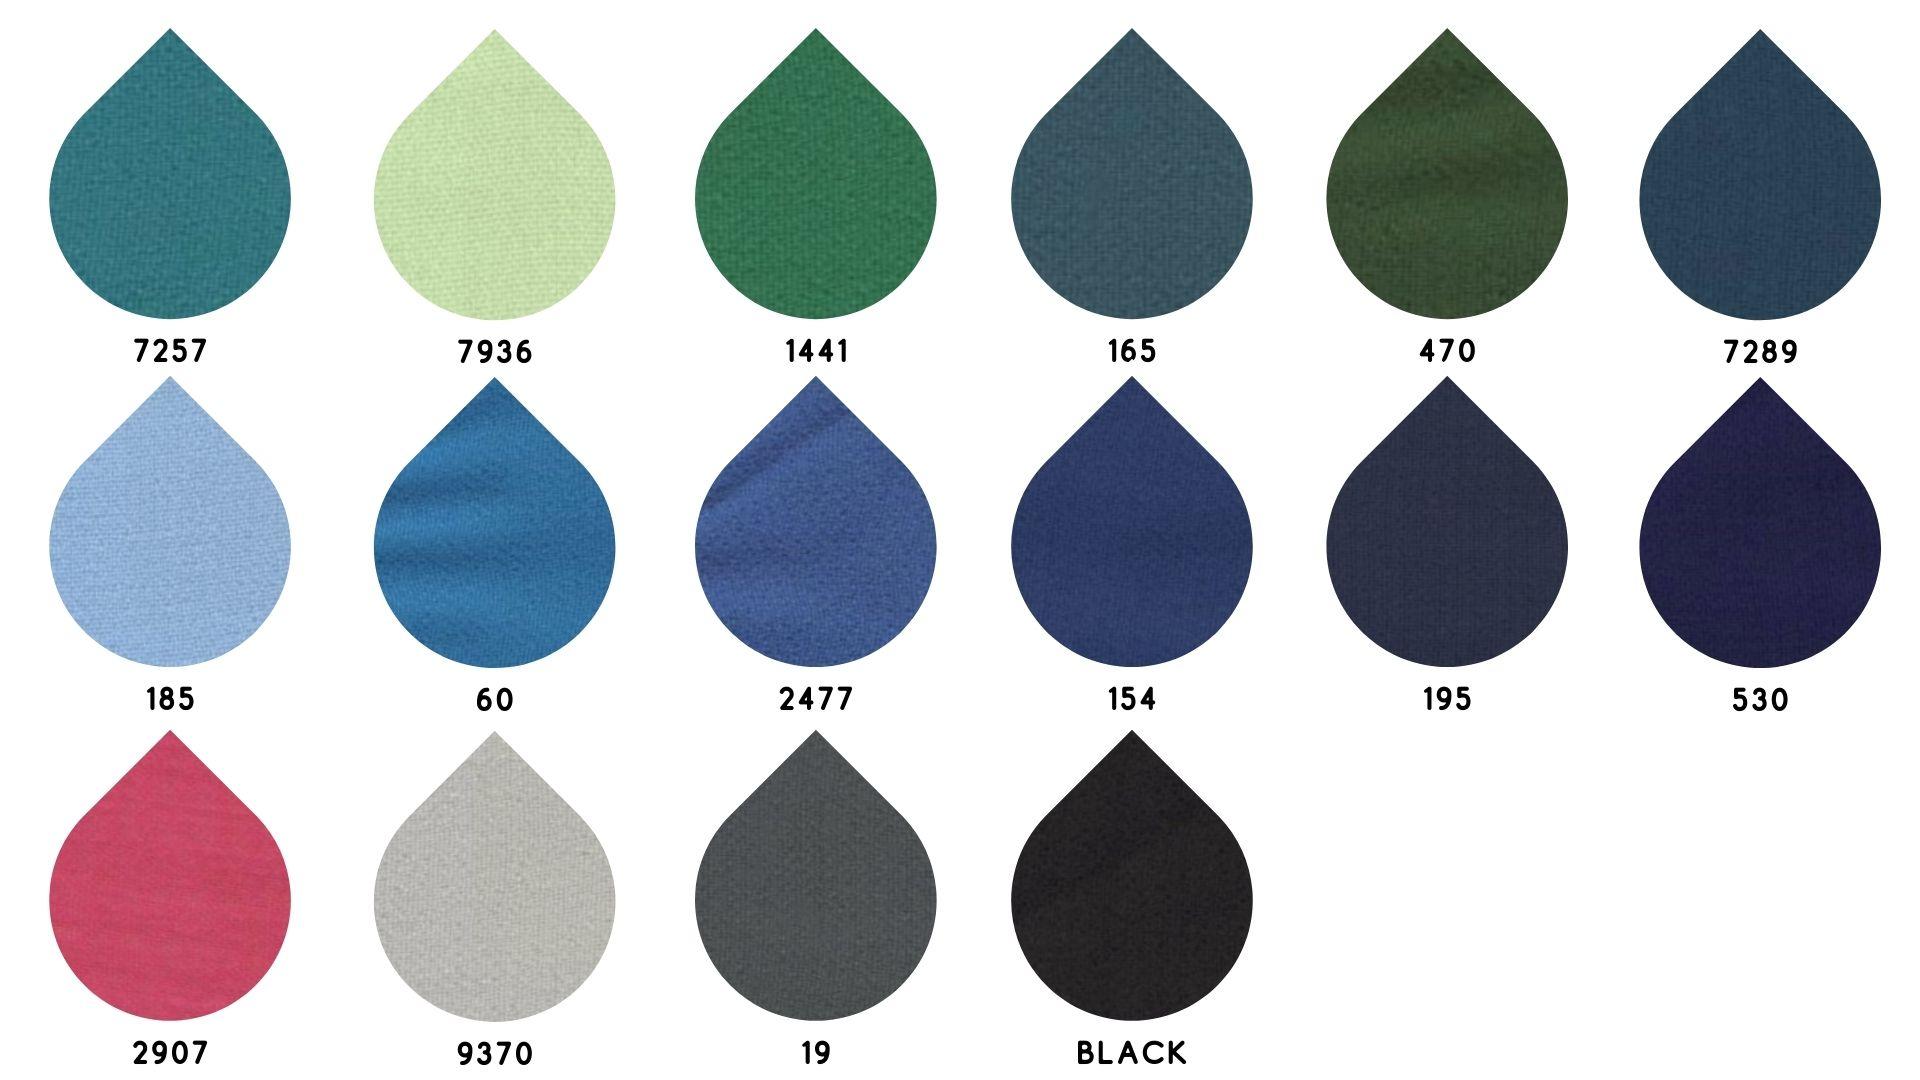 la cartella colore del tessuto 1817 di Leadford & Logan